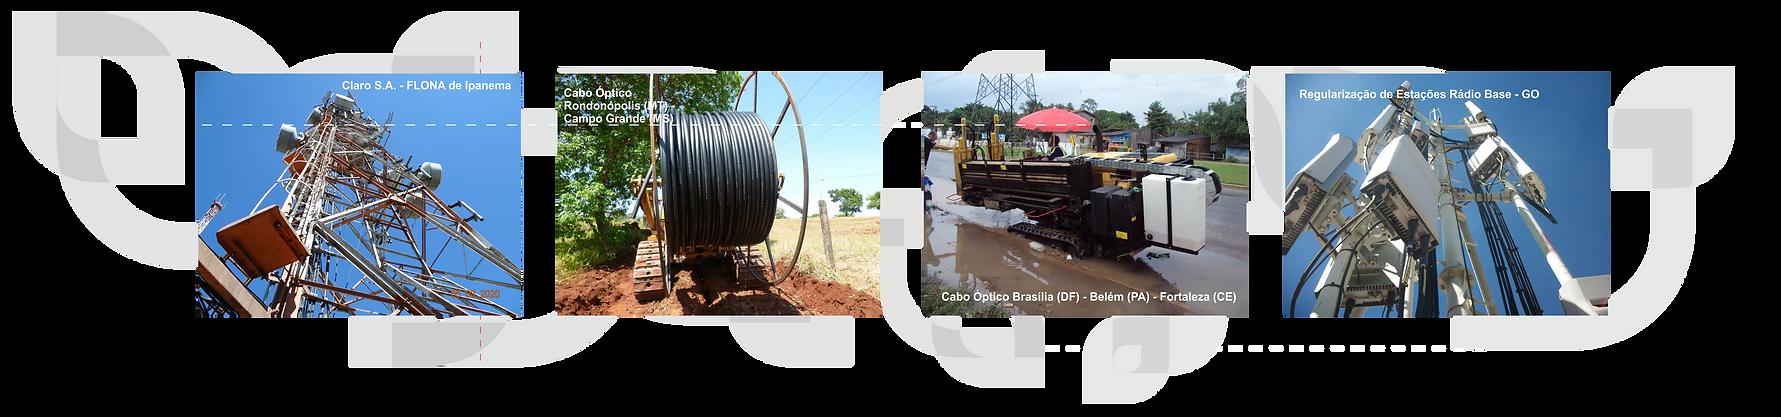 Figuras fundo projetos Telecom.png